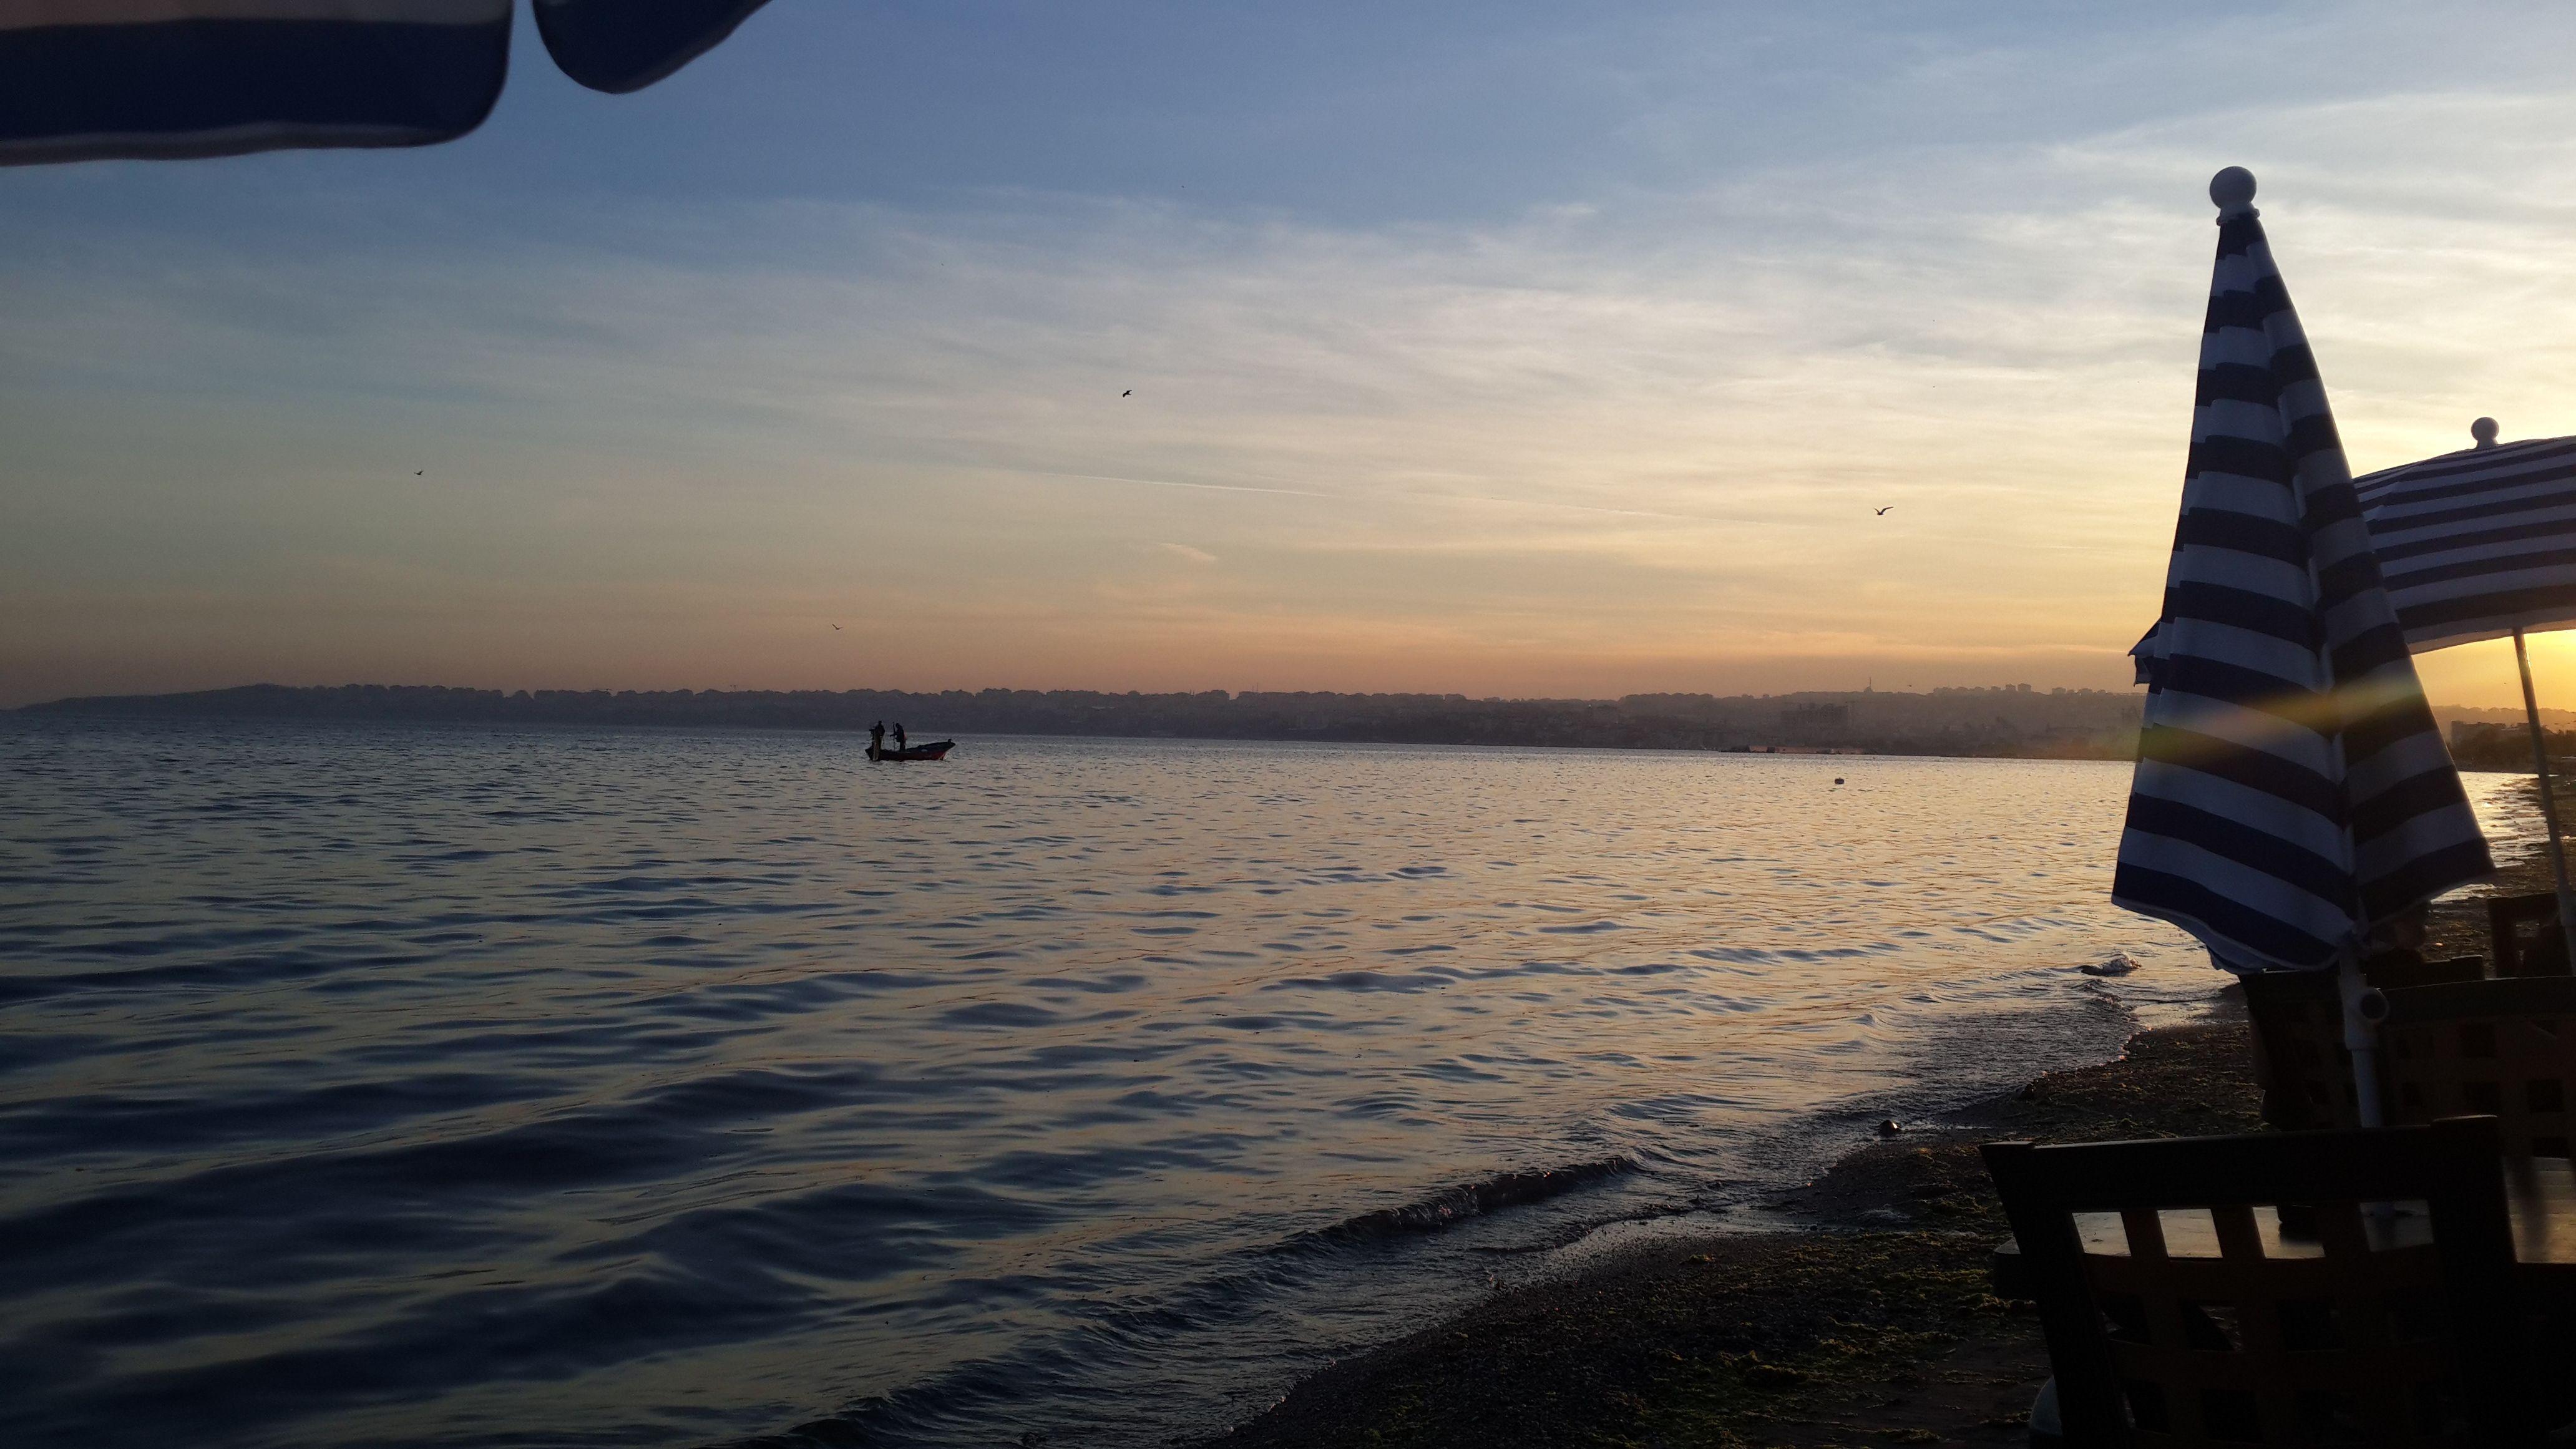 Sorsan ikimiz de maviydik; ama birimiz deniz, birimiz gökyüzü… Anlatabildim mi? #deniz #huzur #büyükçekmece